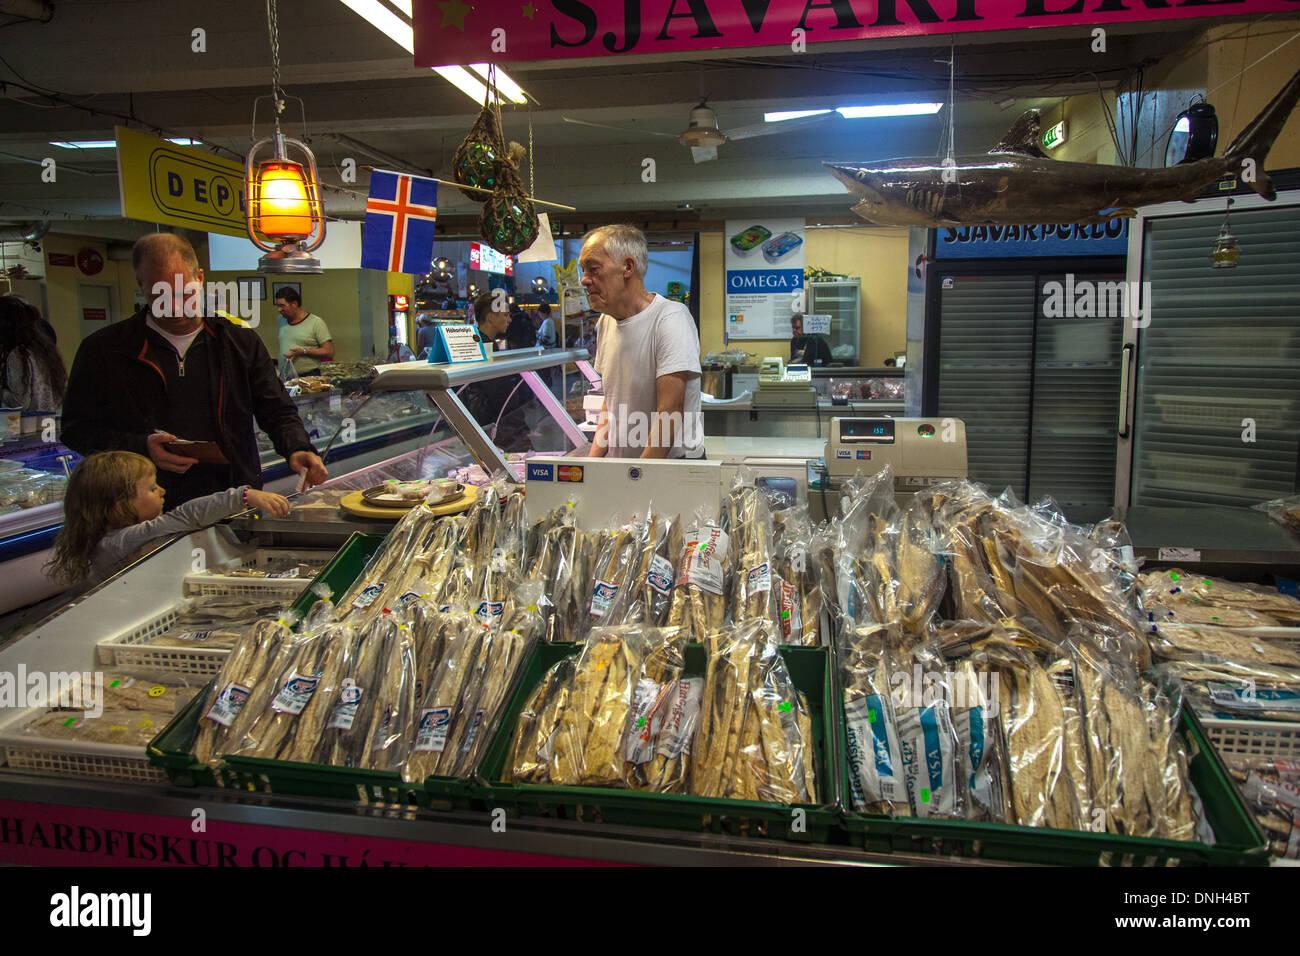 Seller of stock fish called hardfiskur kolaportid flea for Fish market reykjavik